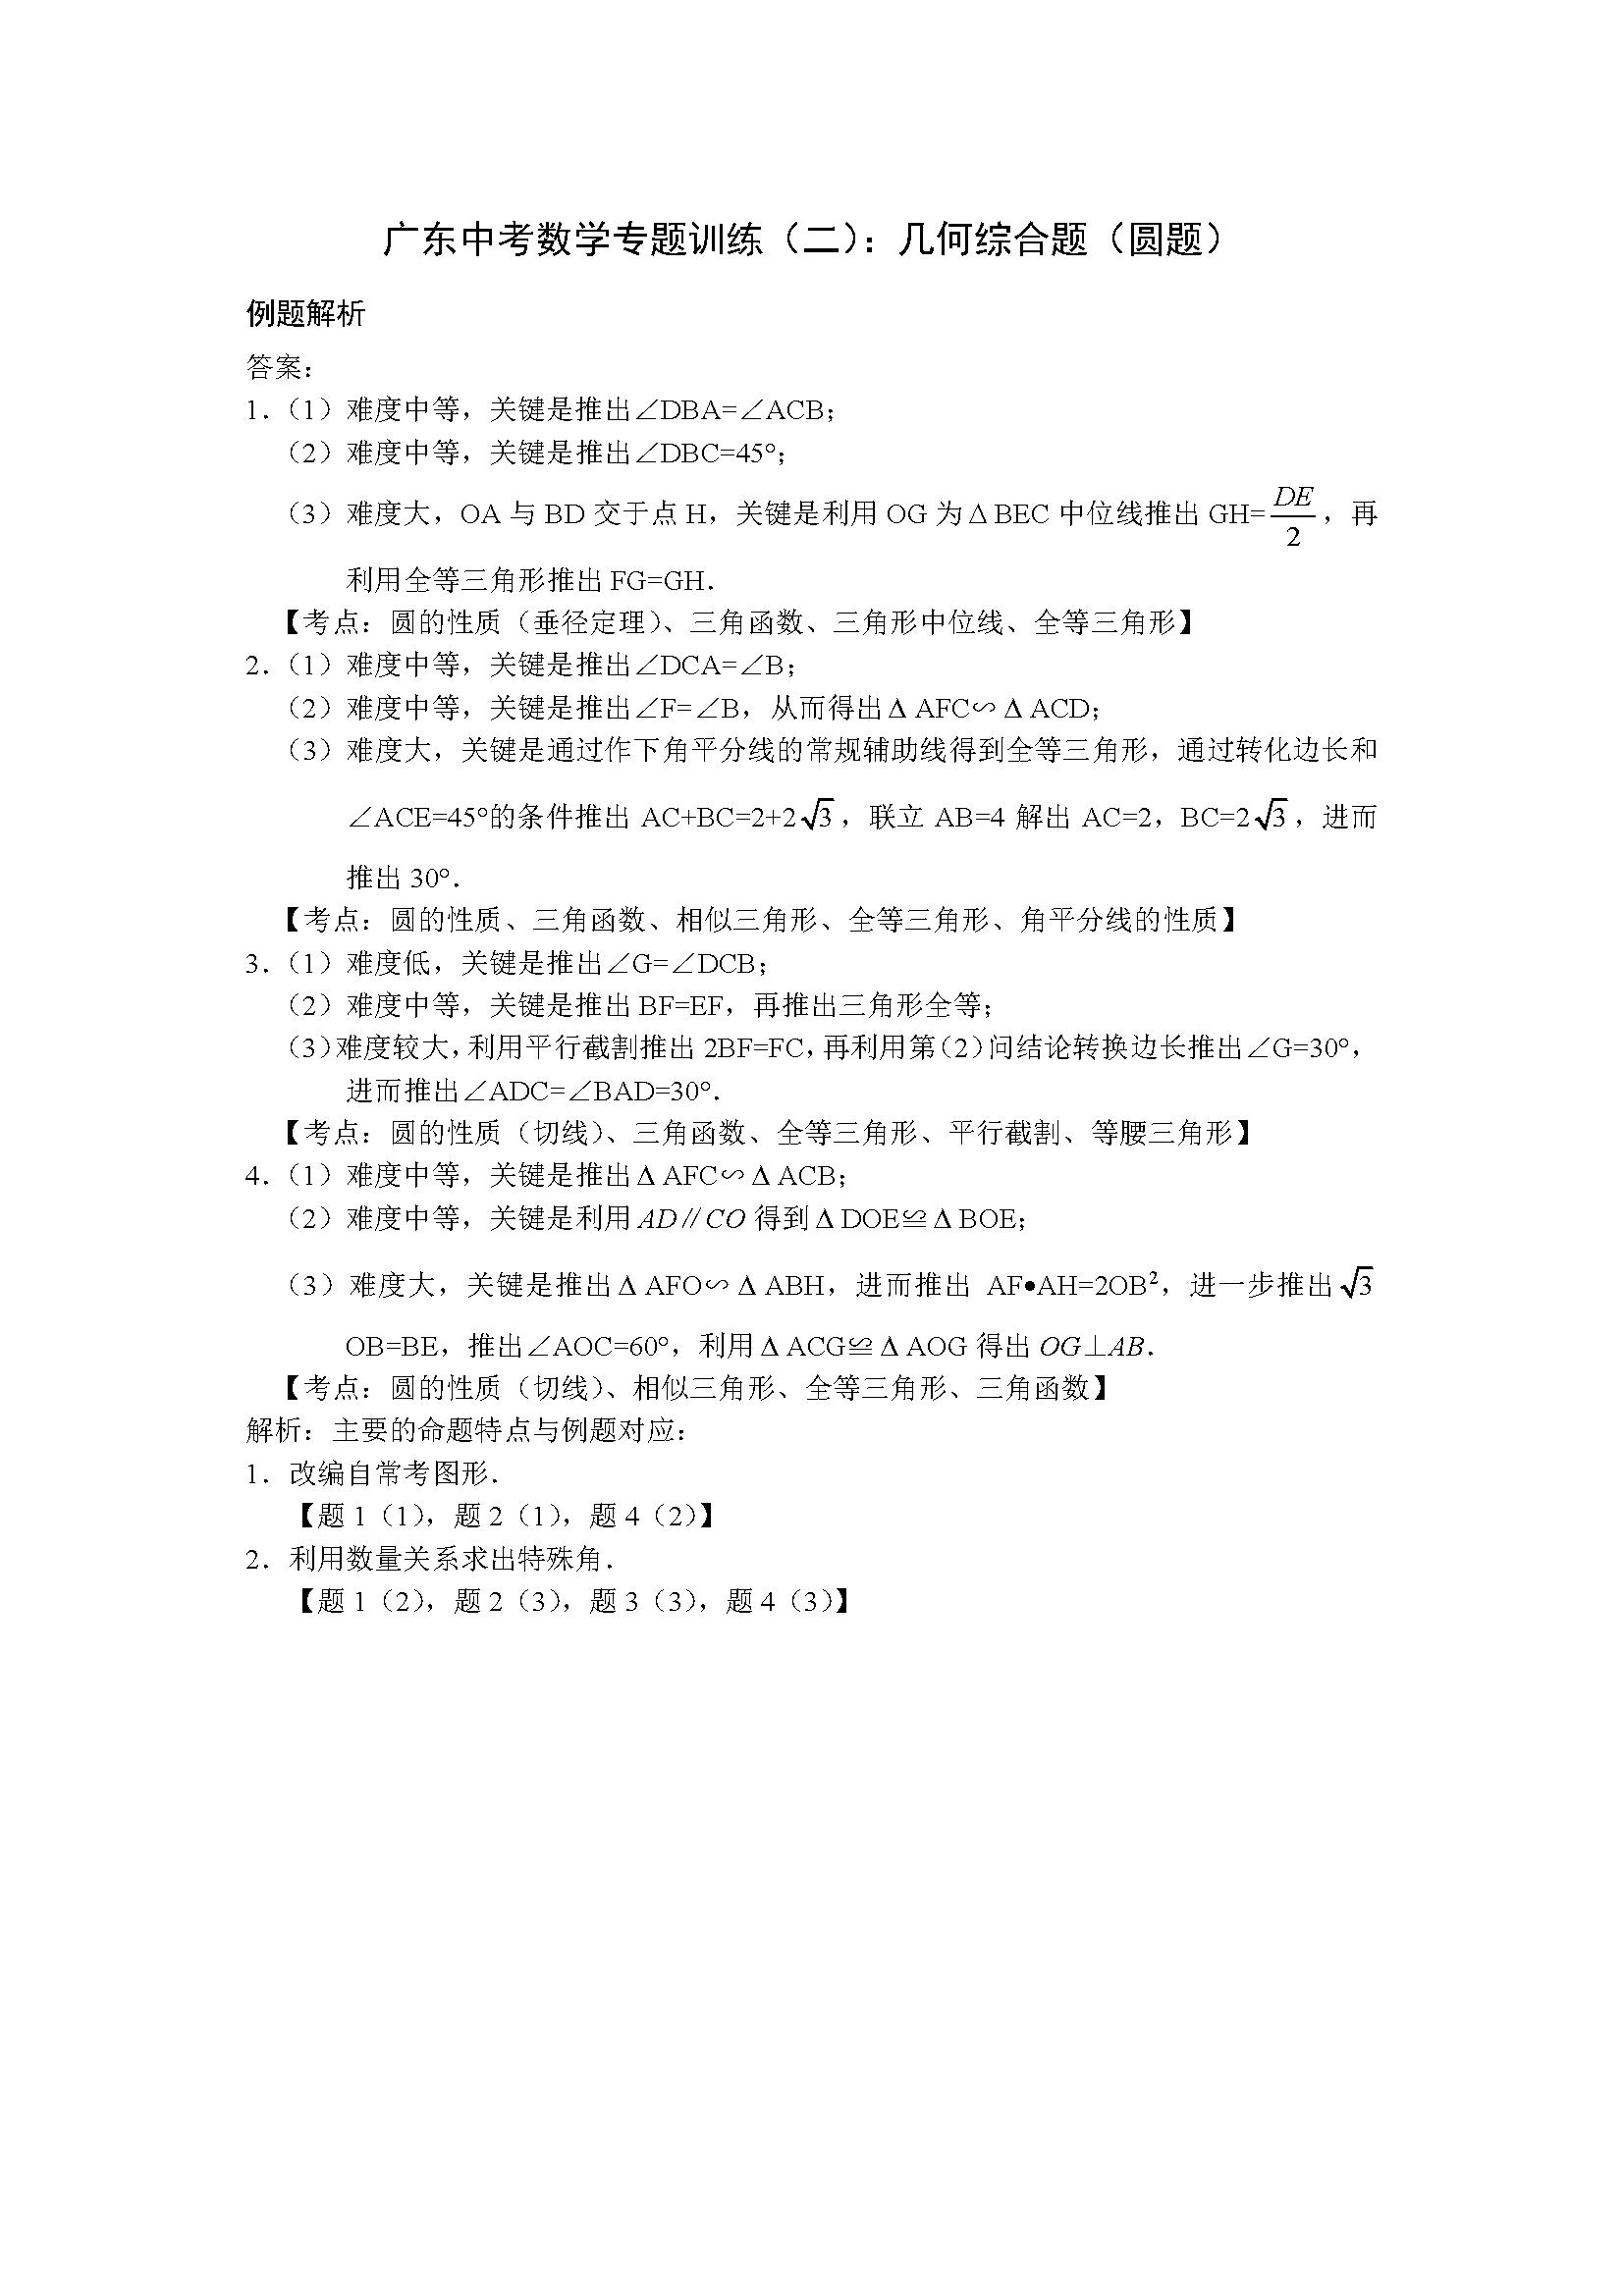 2018广东中考数学压轴训练之圆题例题答案(图片版)